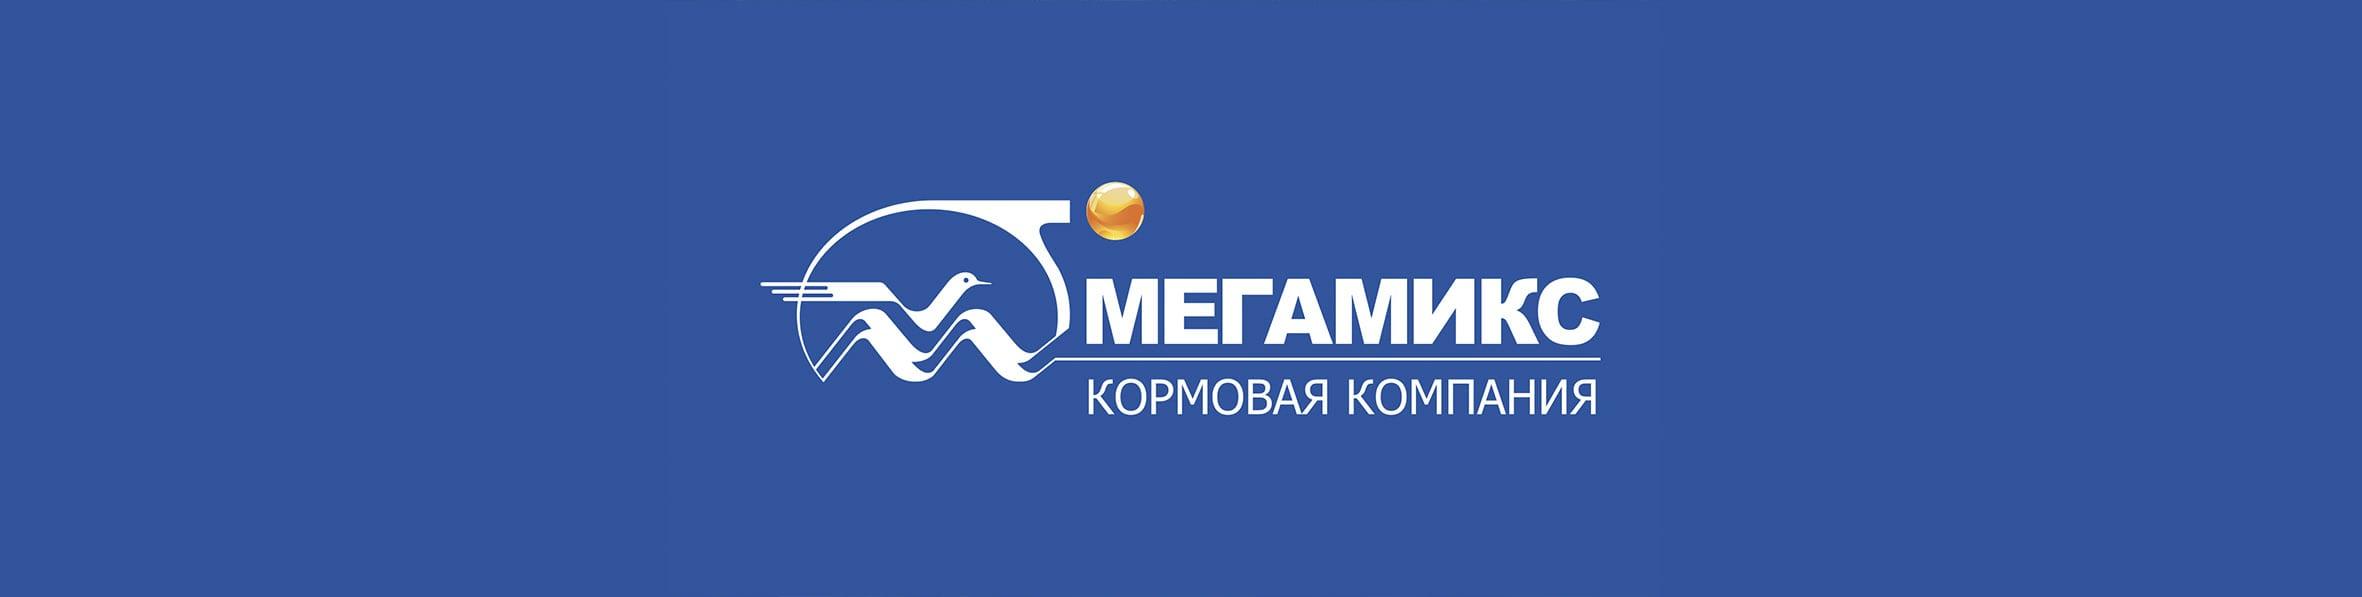 Наши клиенты Мегамикс